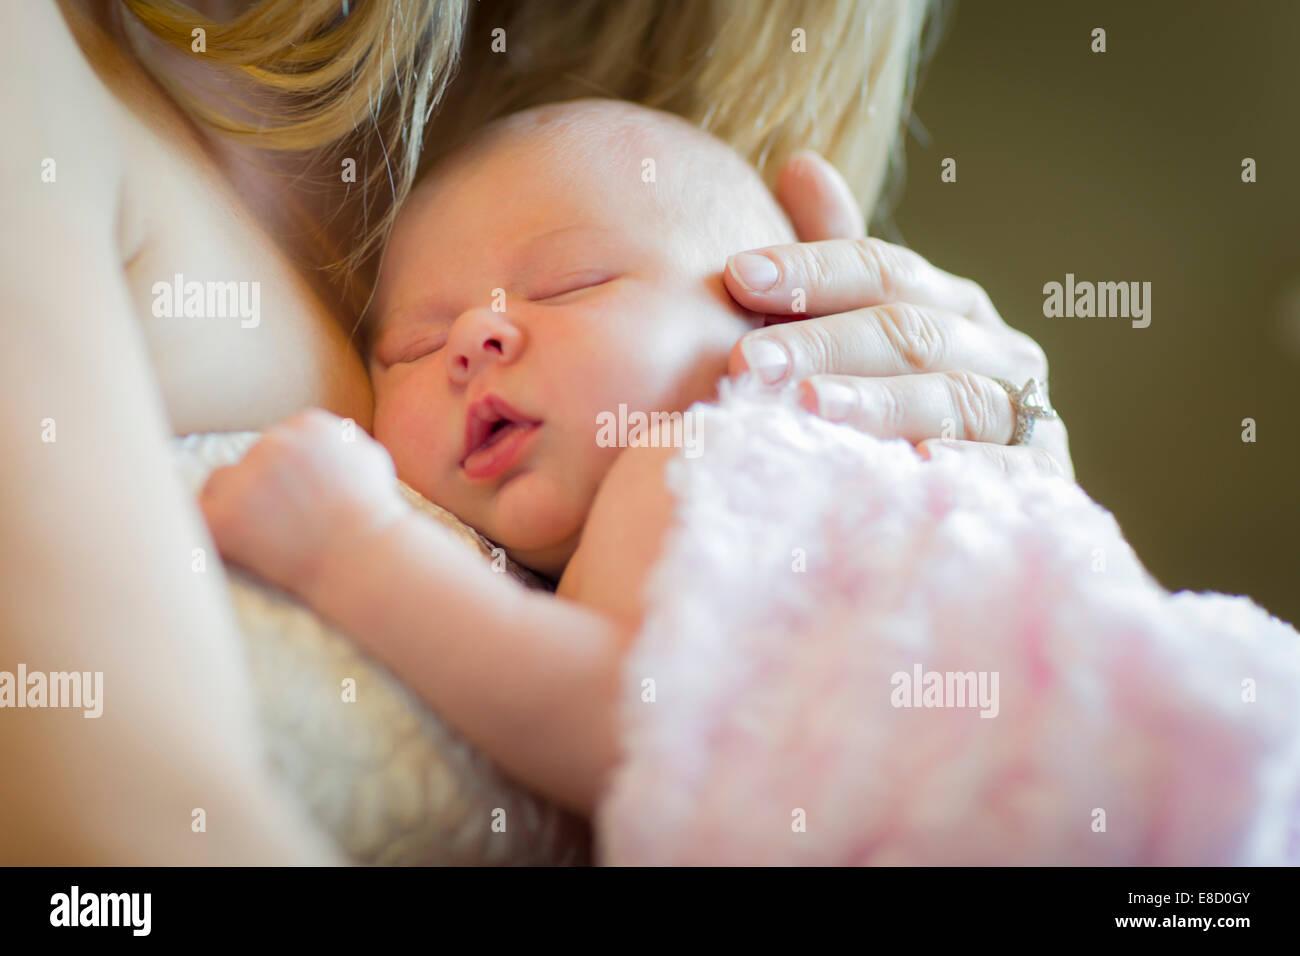 Manos suaves de la madre sosteniendo su precioso bebé niña. Imagen De Stock